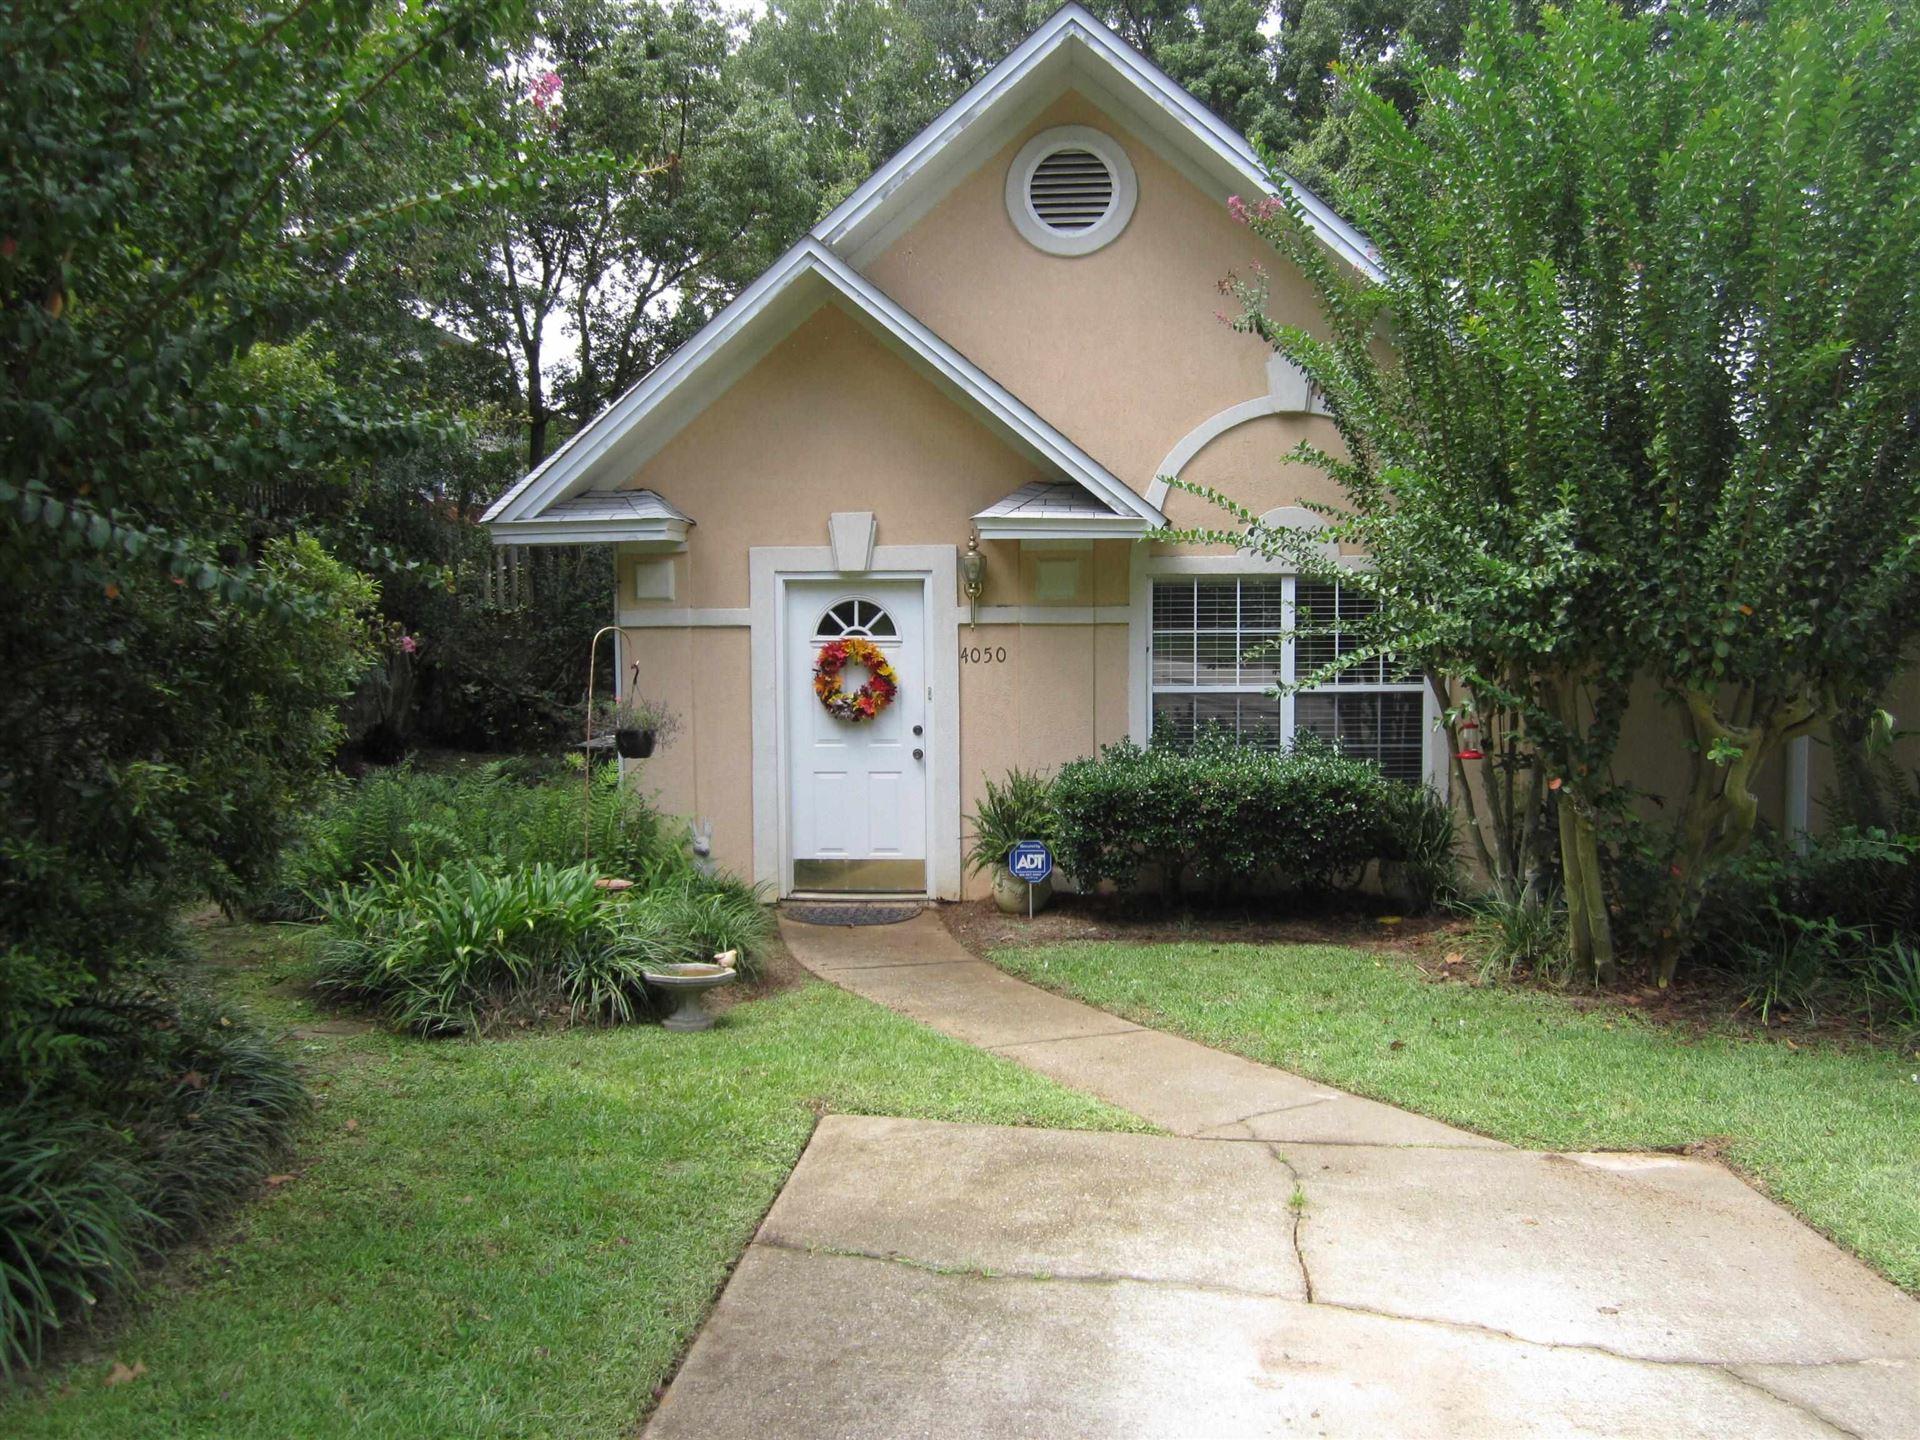 4050 Silkbay Ct, Tallahassee, FL 32308 - MLS#: 337689